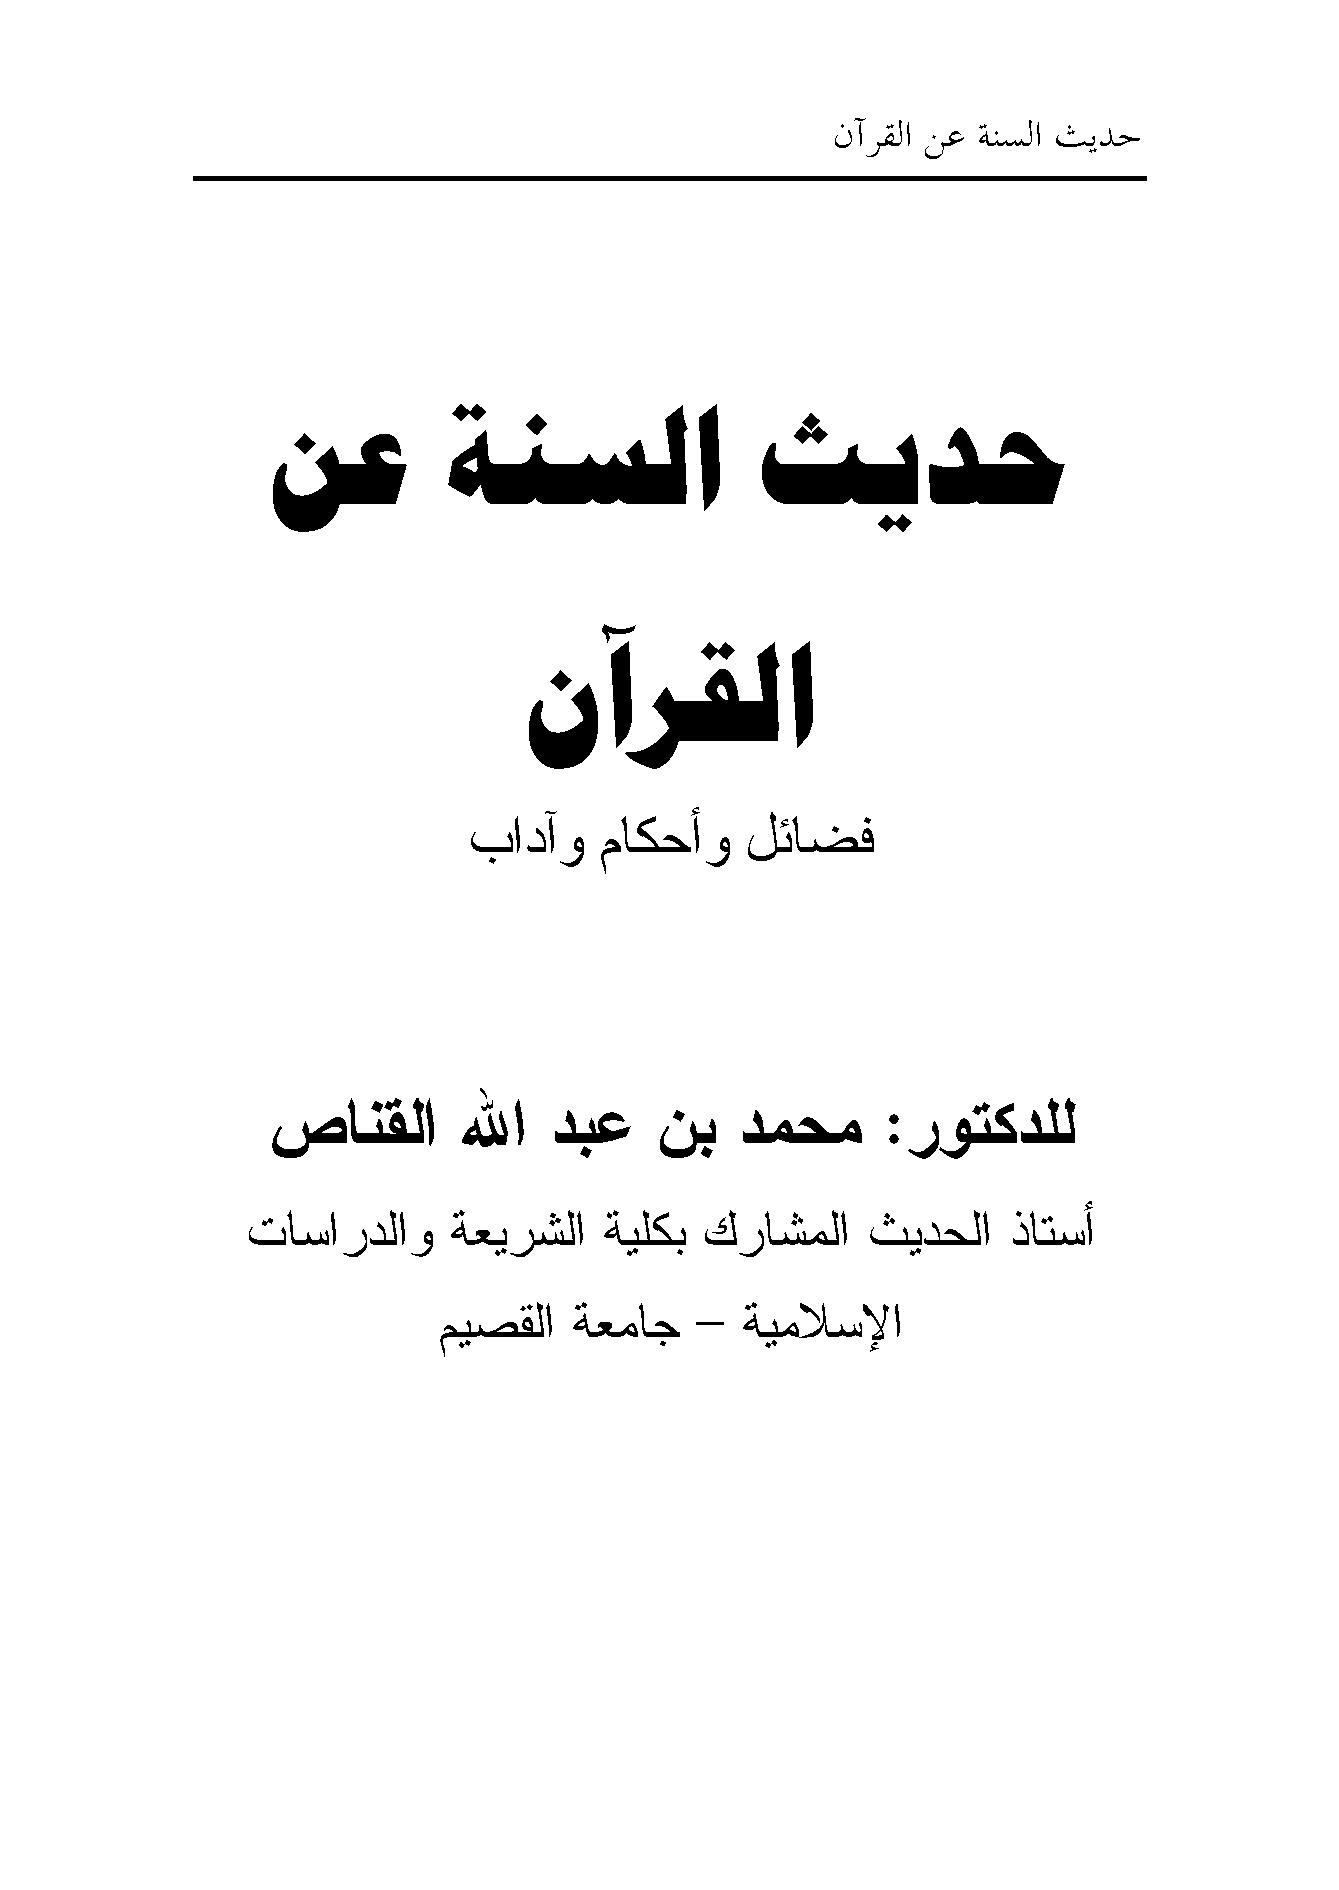 تحميل كتاب حديث السنة عن القرآن: فضائل وأحكام وآداب لـِ: الدكتور محمد بن عبد الله القناص